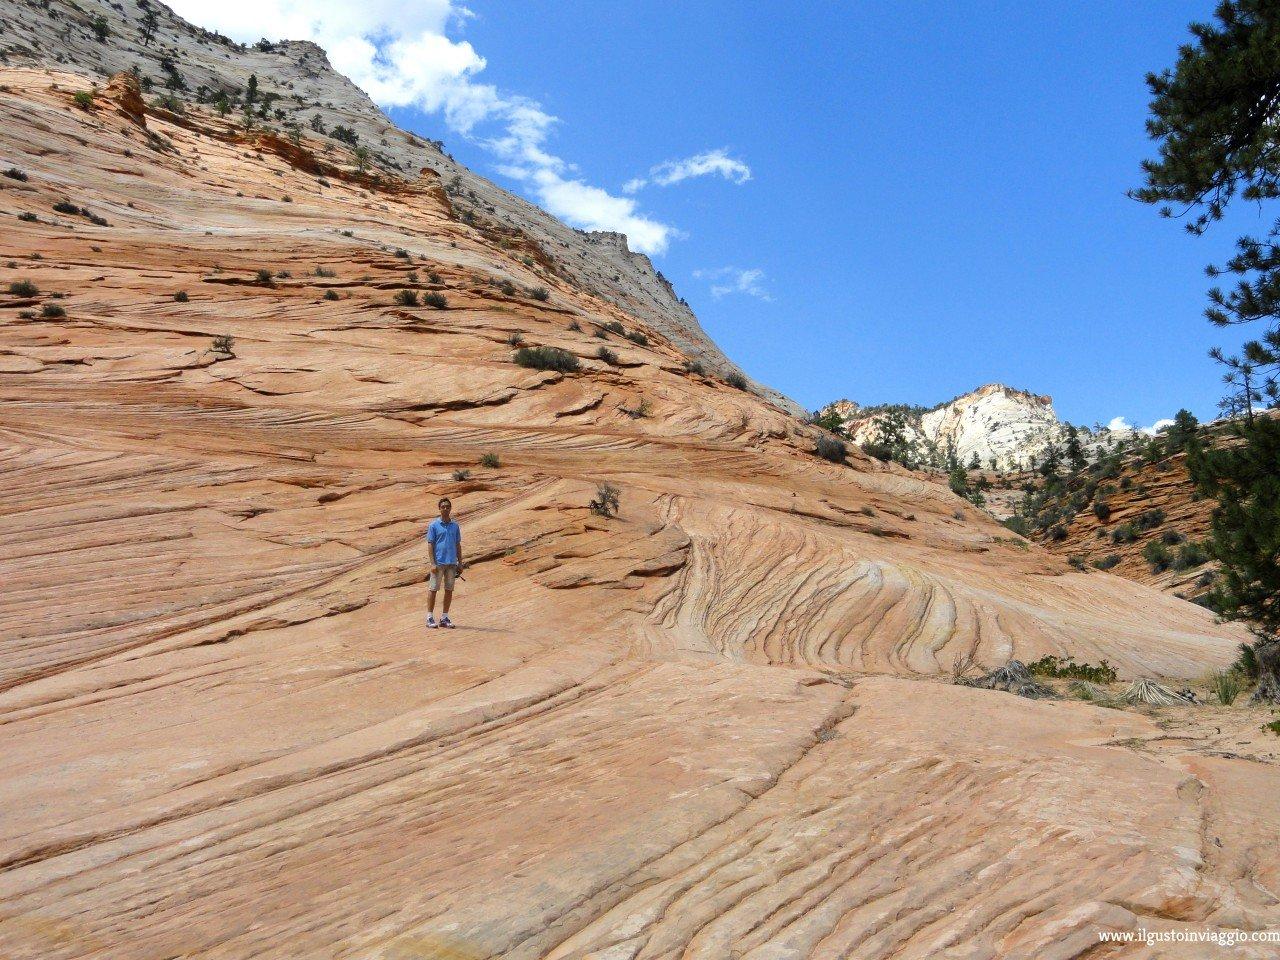 visitare lo zion national park, come raggiungere lo zion canyon